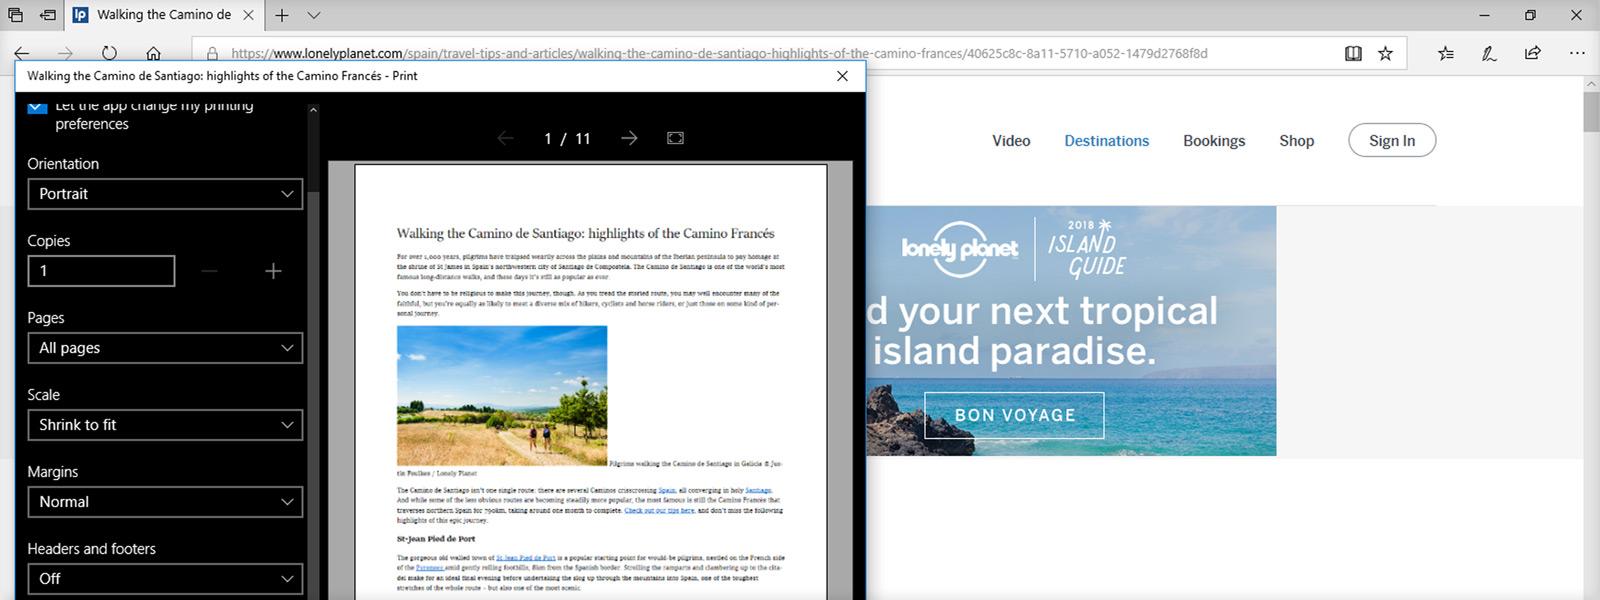 Ekrāna attēls ar drukas priekšskatījumu Edge logā, kurā parādīta tīmekļa lapa bez reklāmām